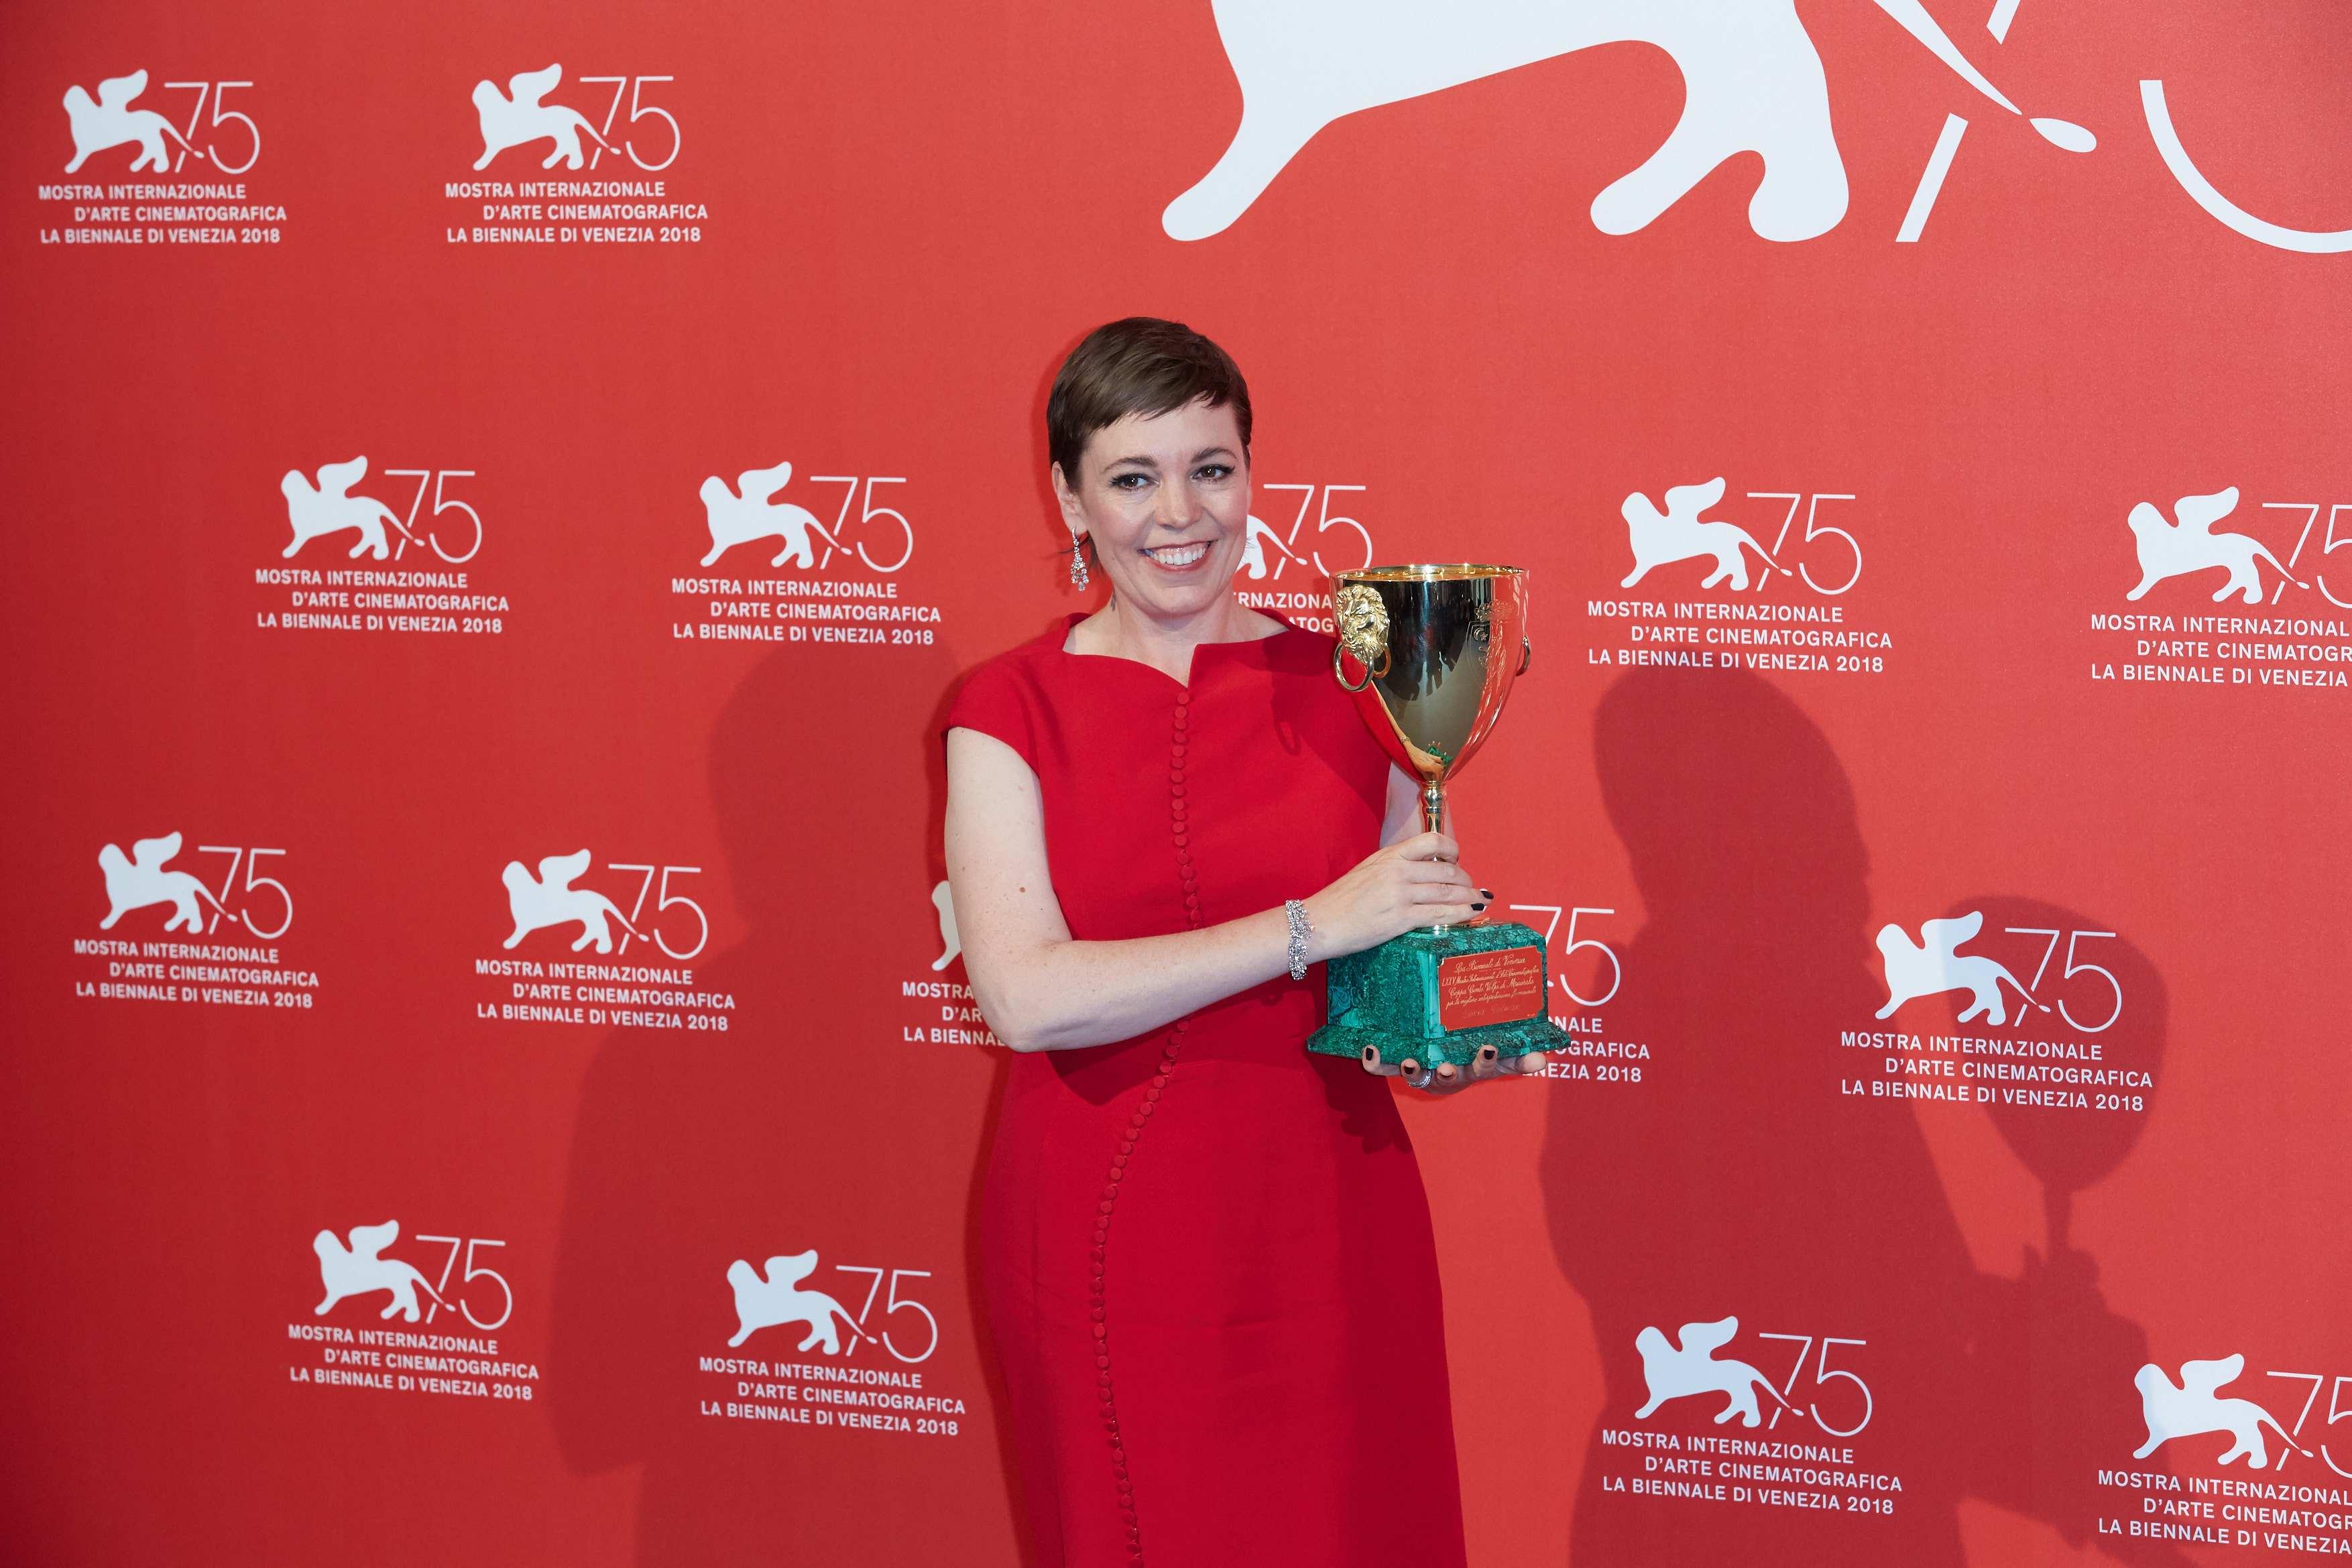 奧利維婭·科爾曼受封影後實至名歸,《寵兒》開局順利摘得多獎